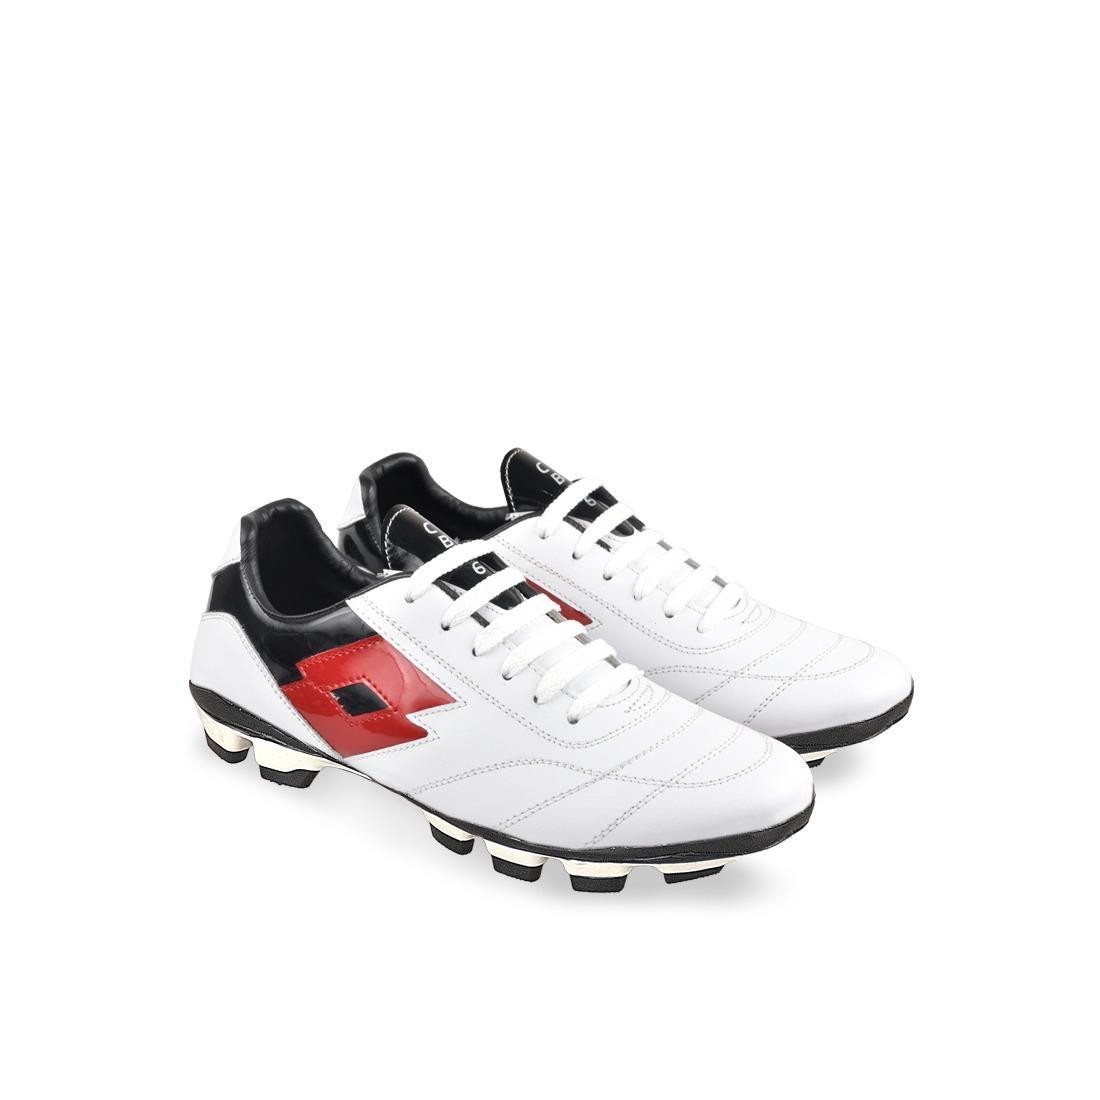 Sepatu Futsal Simple Keren Warna Putih - CBR SIX / NAC 704